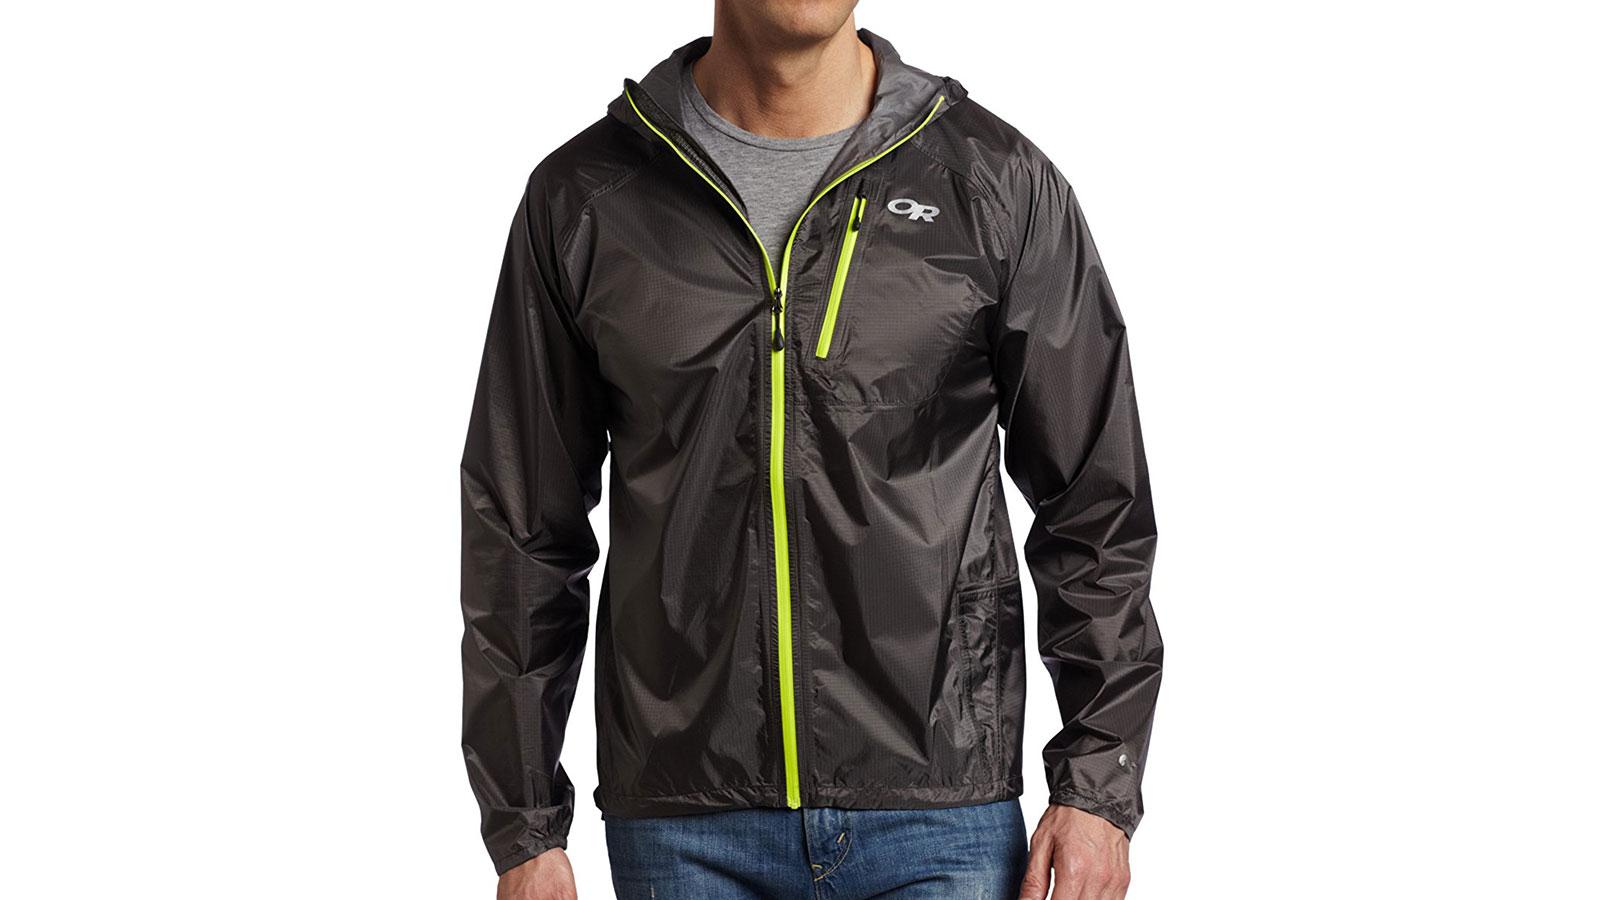 Outdoor Research Helium II Men's Windbreaker Jacket | the best men's windbreakr jackets